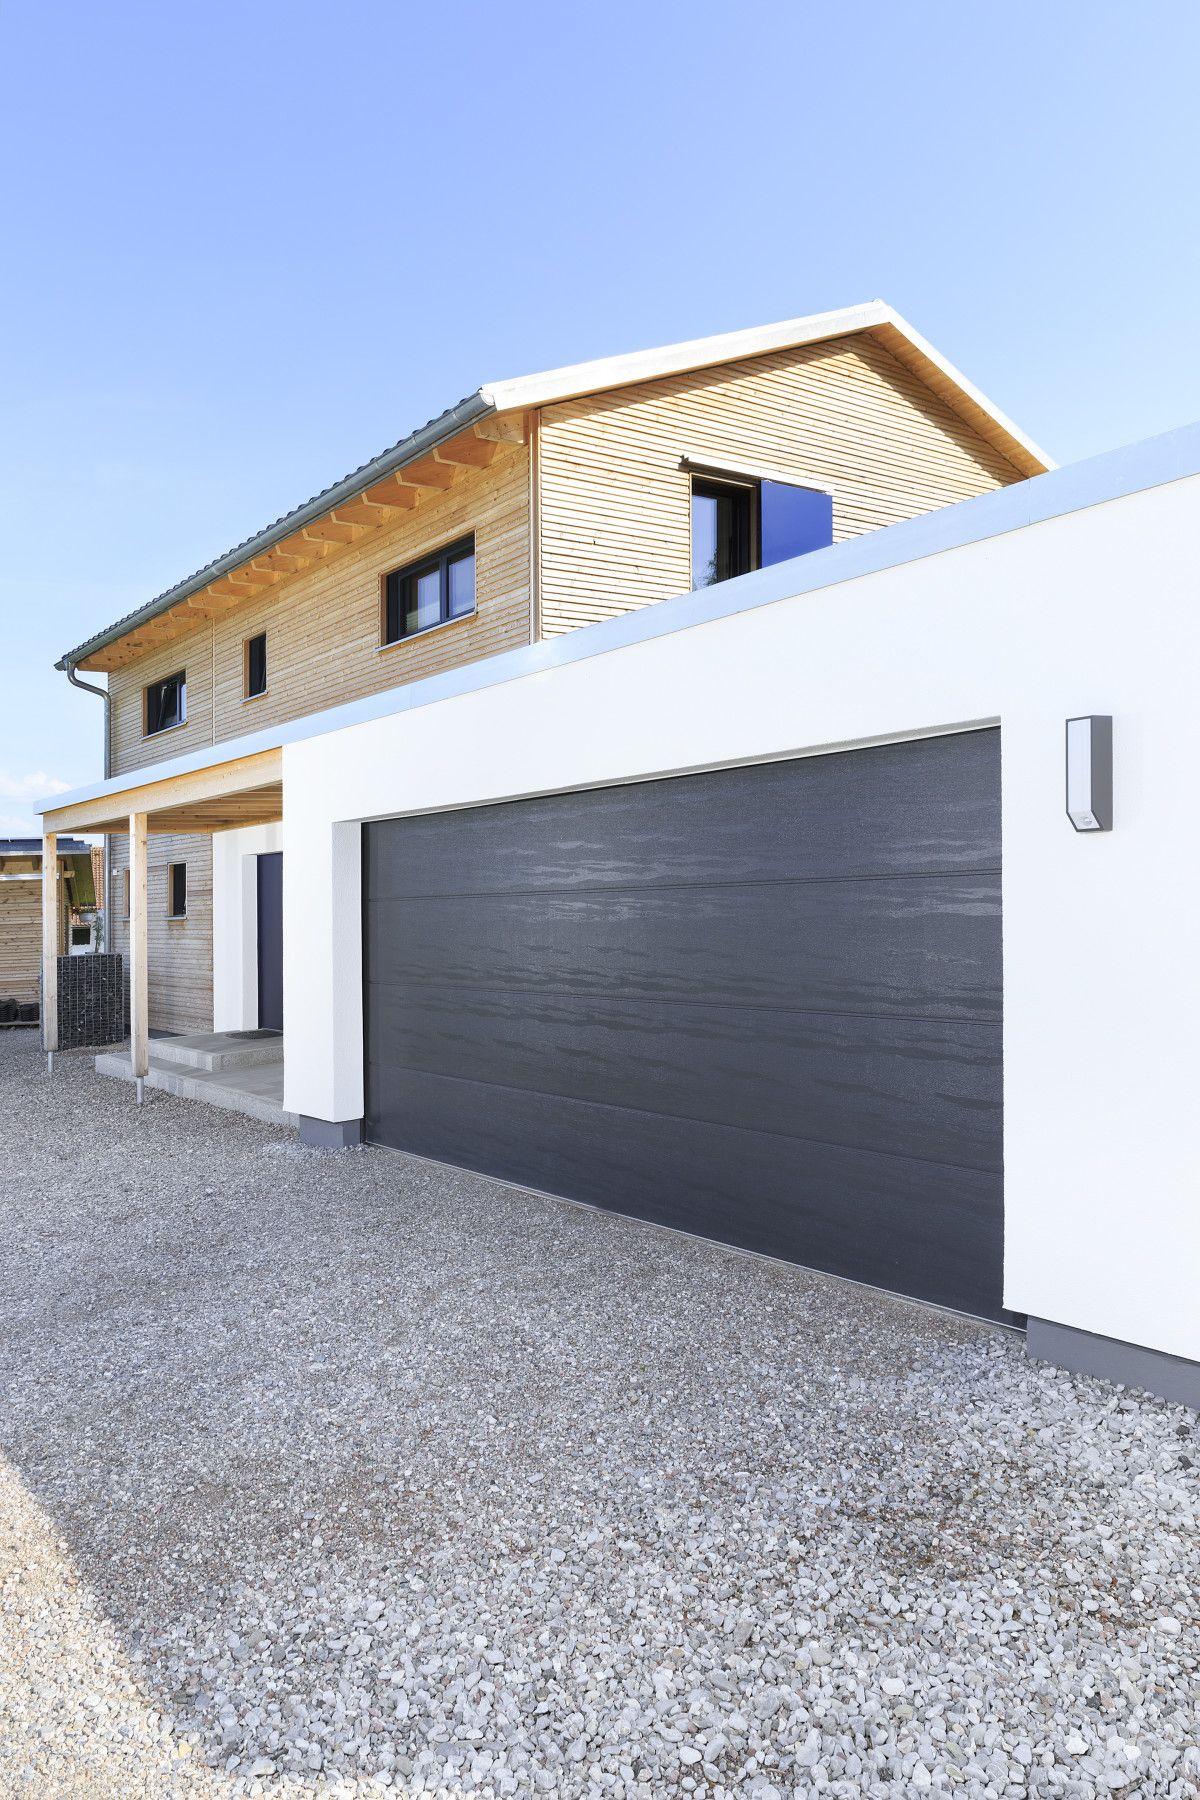 Fertighaus Mit Doppel Garage Haus Schneider Von Baufritz Einfahrt Garagentor Baufritz Haus Haus Mit Garage